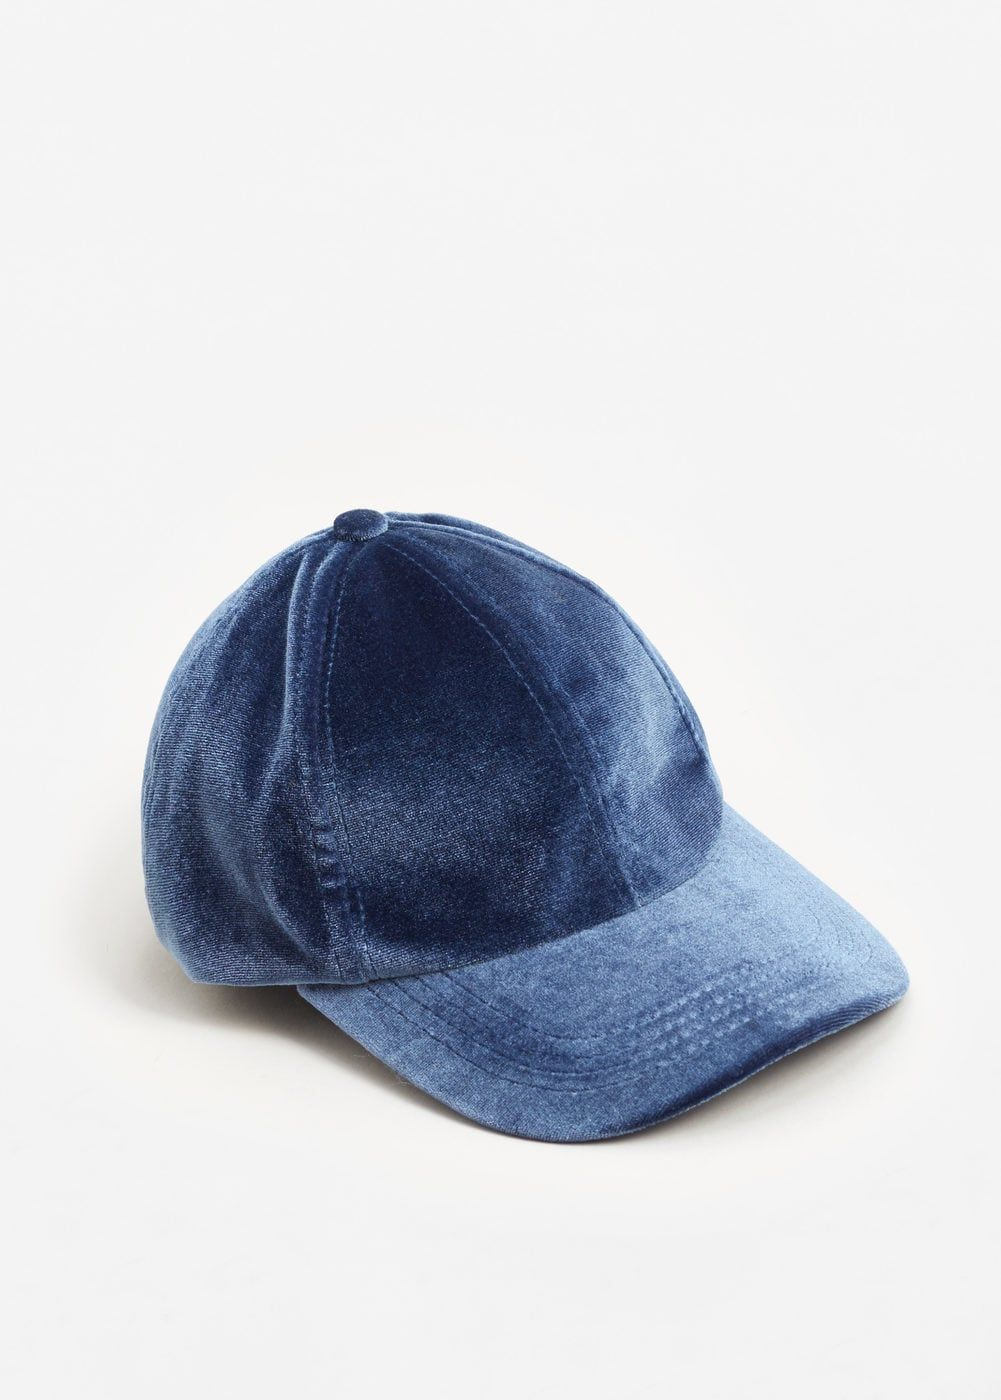 92a343467aa Kadife şapka - Kadın in 2019